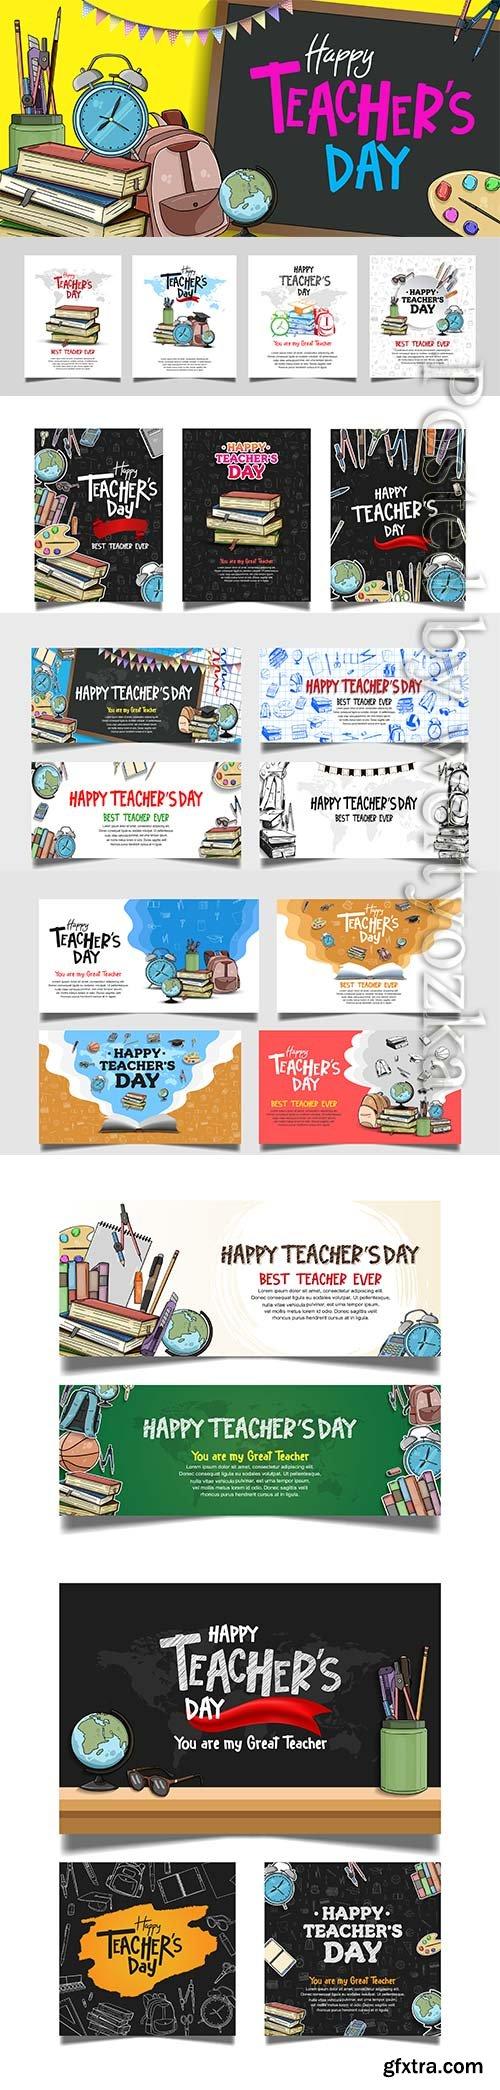 Happy teachers day vector banner